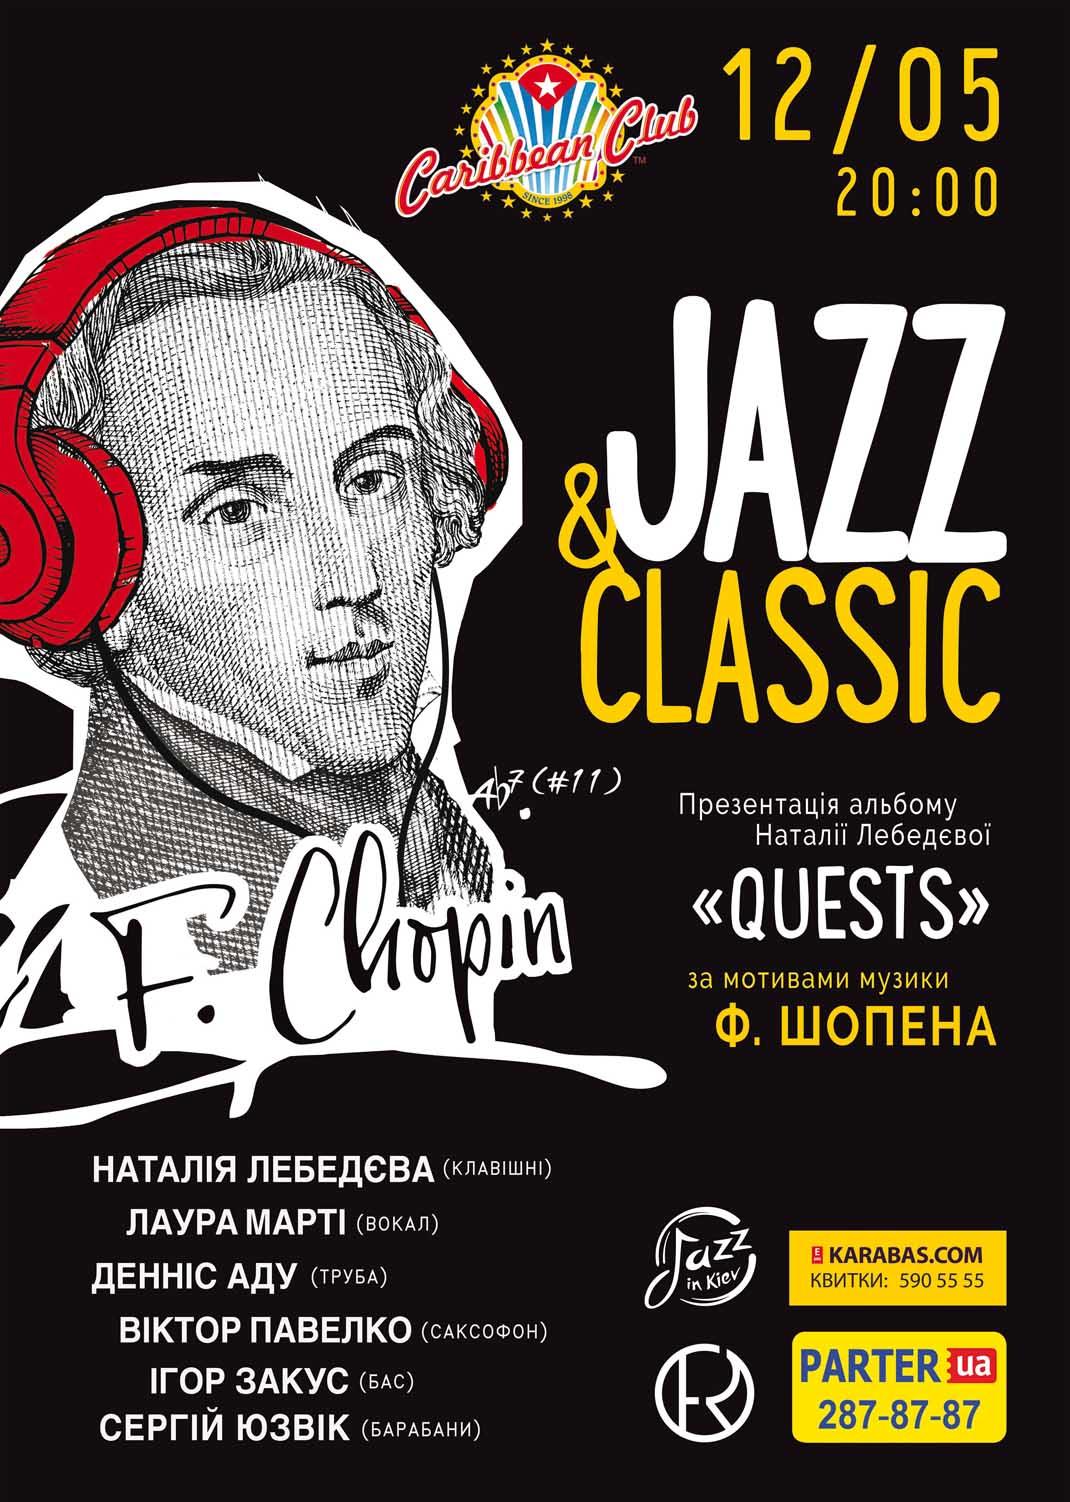 Jazz & Classic: проект Quests по мотивам музыки Фредерика Шопена